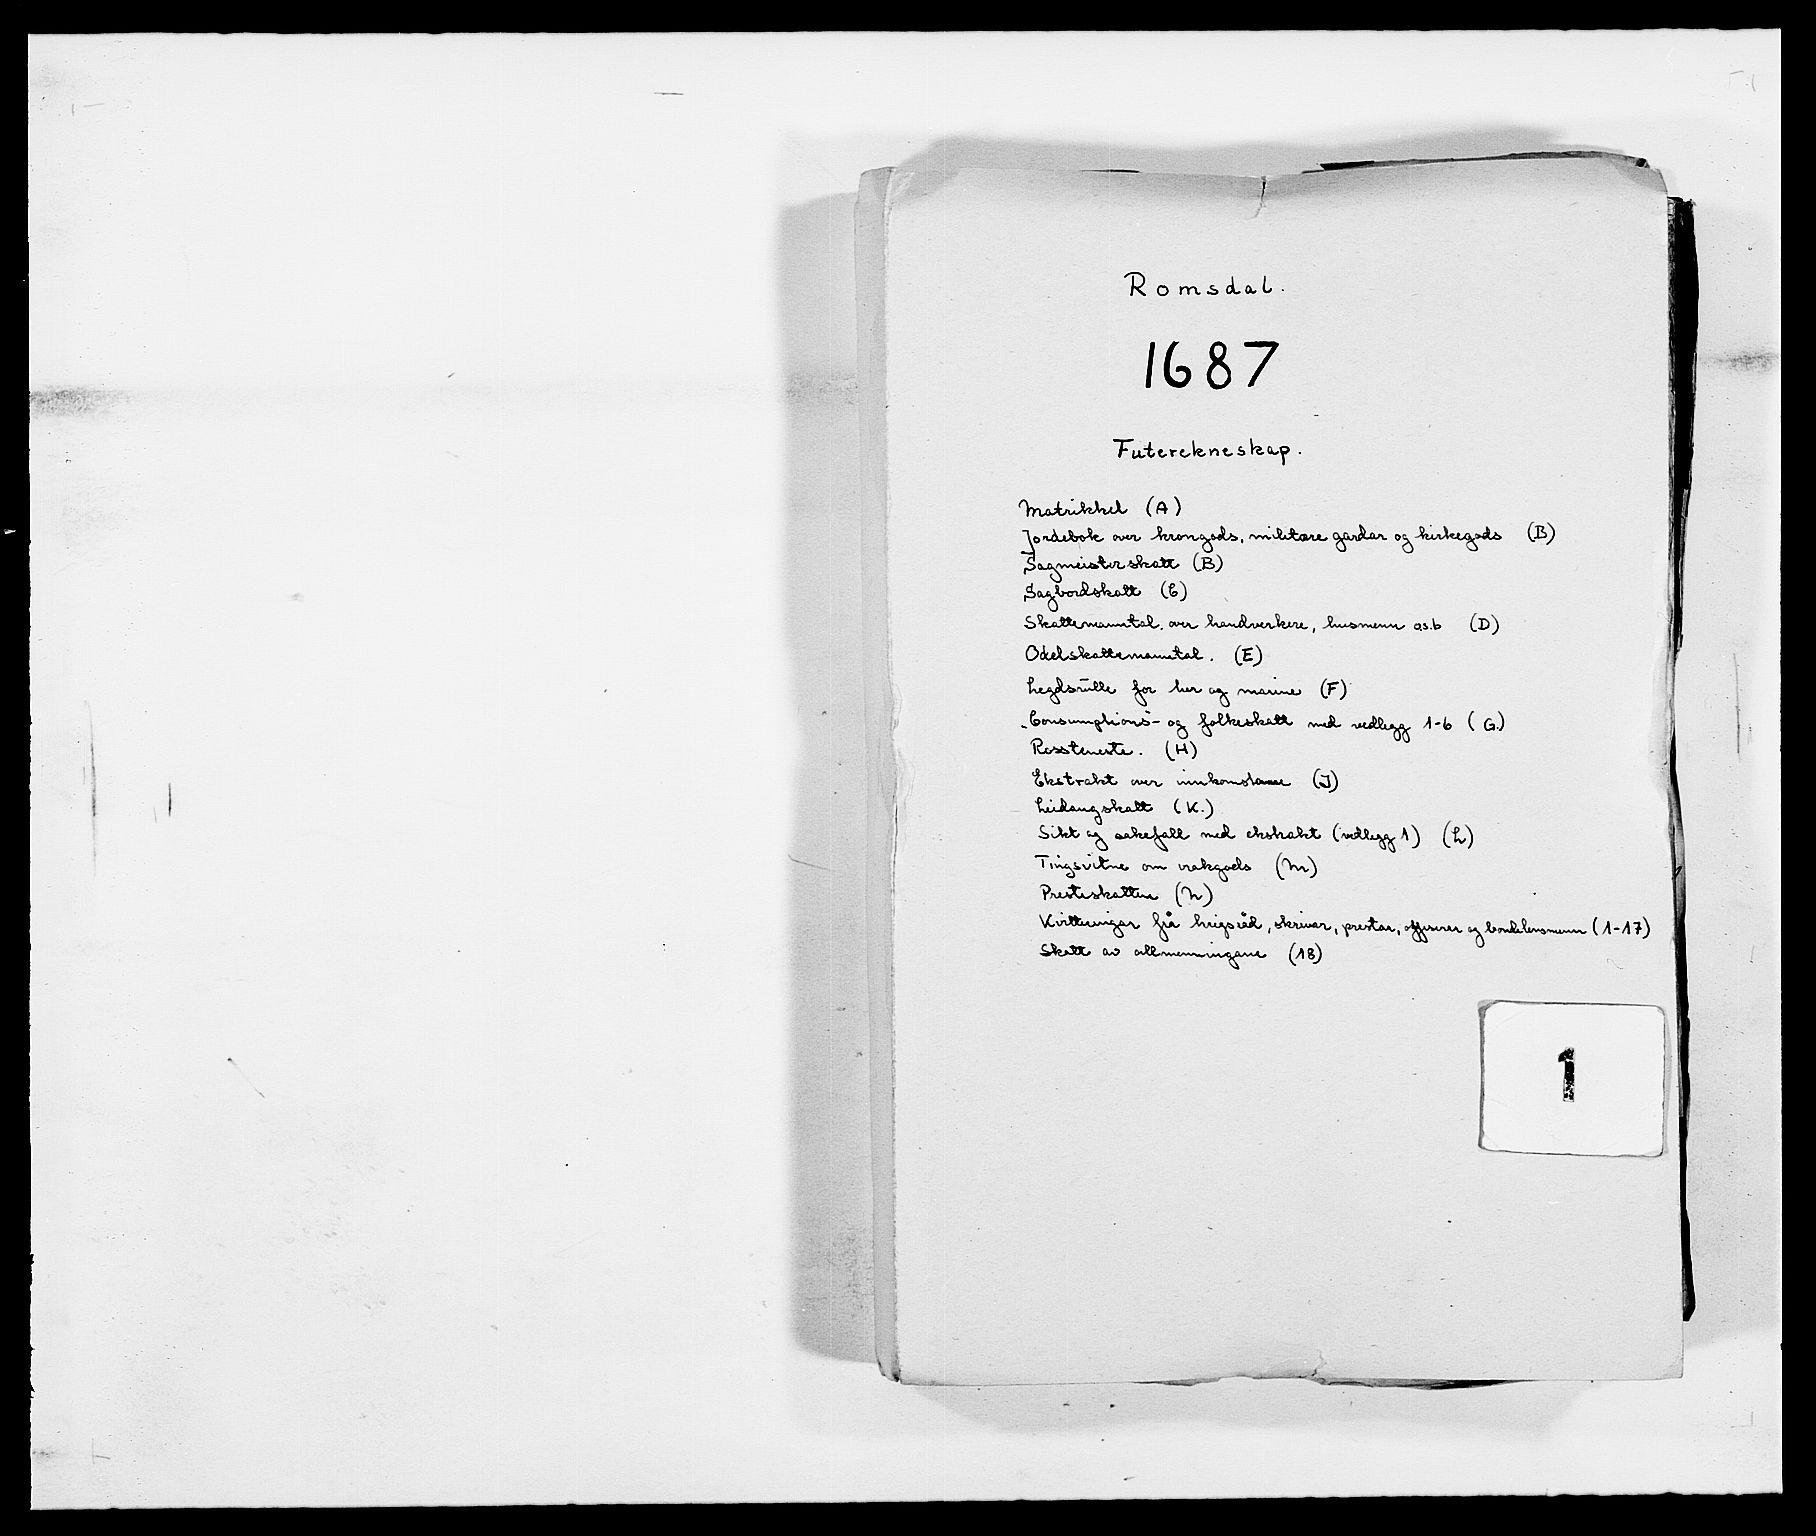 RA, Rentekammeret inntil 1814, Reviderte regnskaper, Fogderegnskap, R55/L3648: Fogderegnskap Romsdal, 1687-1689, s. 1